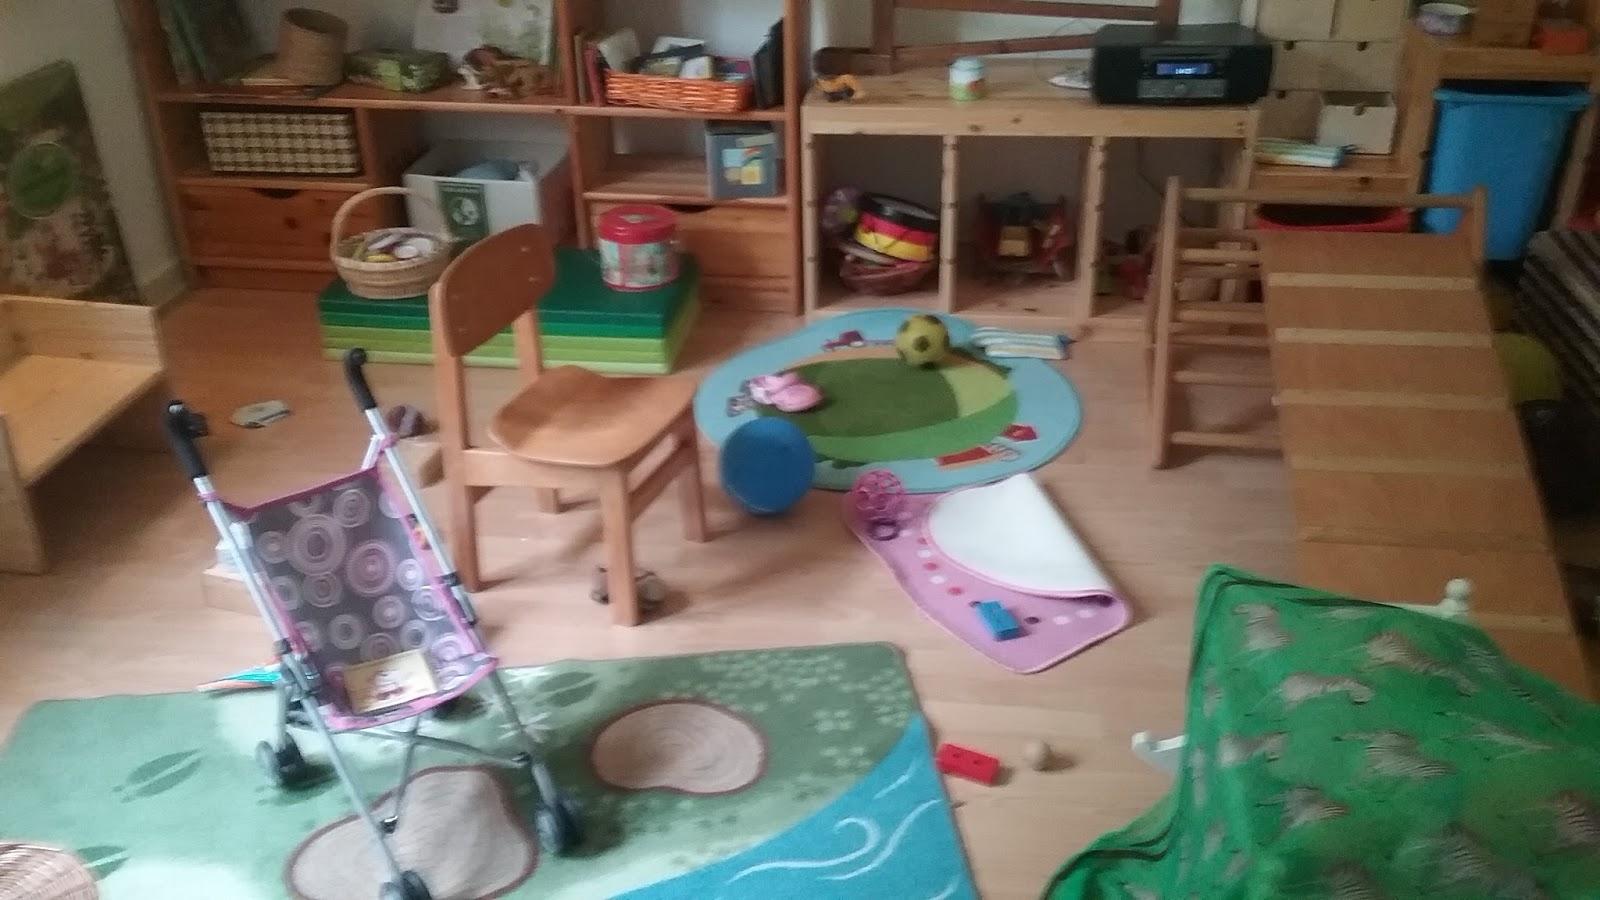 emmi und ich kinderzimmergeschichten oder wie ich versuche ordnung zu halten und einfach keine. Black Bedroom Furniture Sets. Home Design Ideas